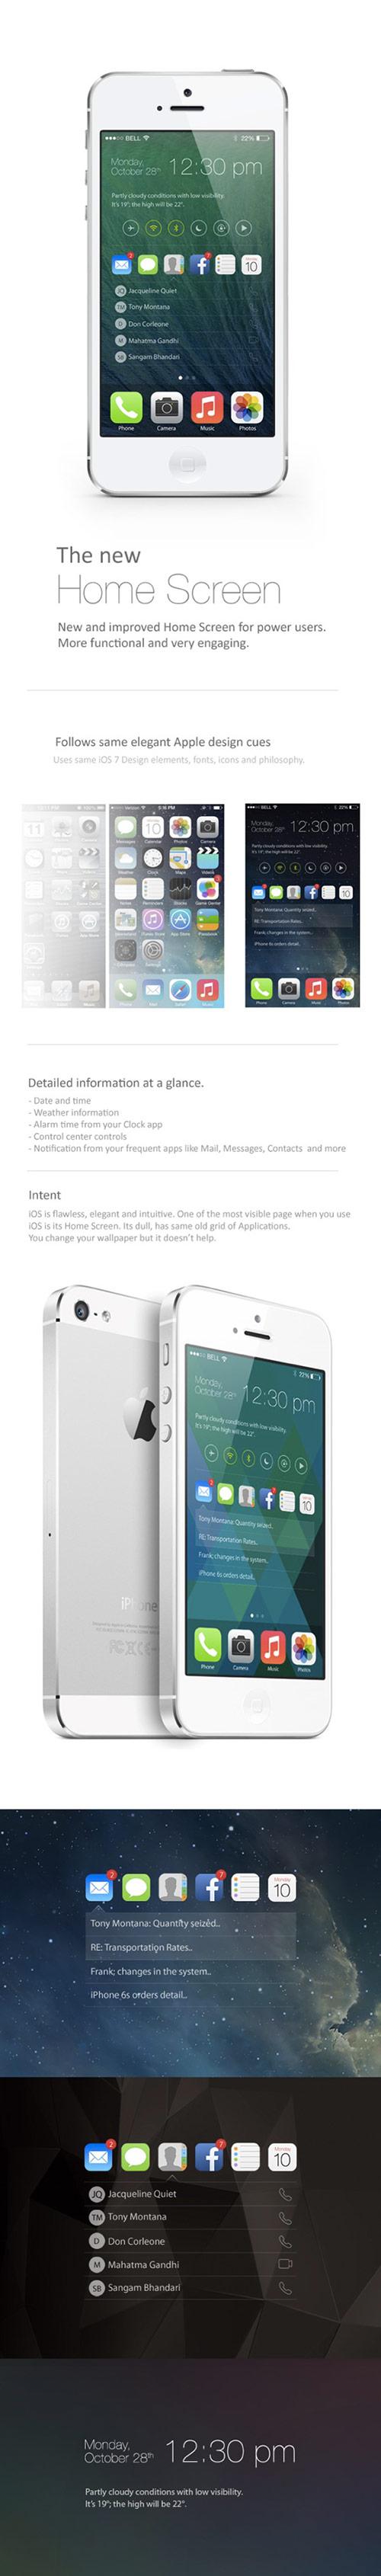 Concept-iOS-8-avec-plus-d-informations-sur-l-ecran-d-accueil-2-500x415